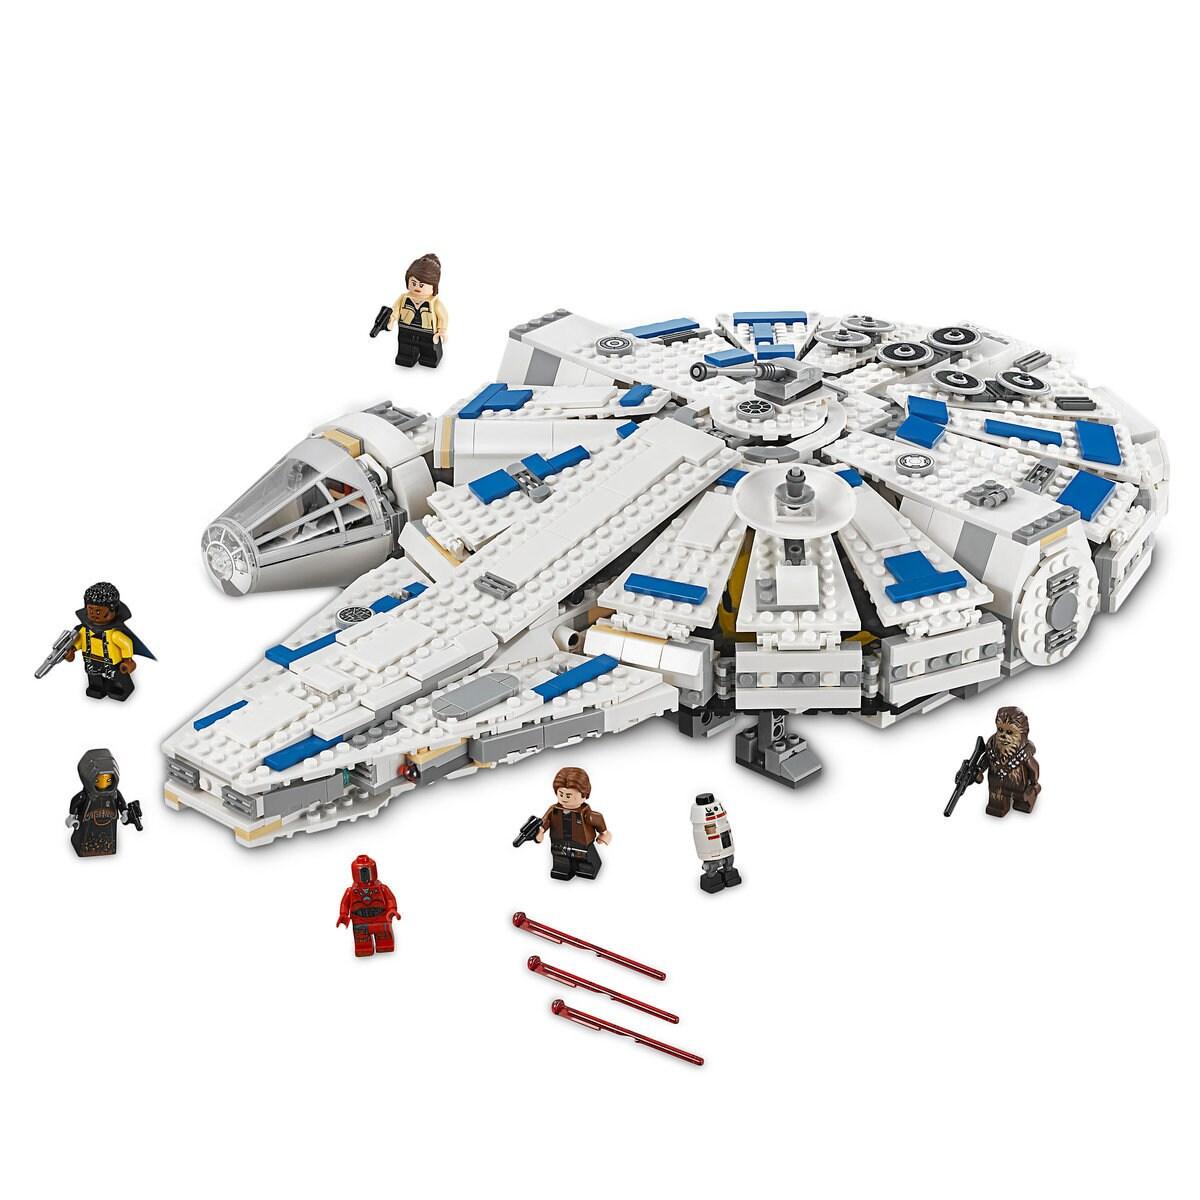 millennium falcon lego  Millennium Falcon Kessel Run Playset by LEGO - Solo: A Star Wars Story